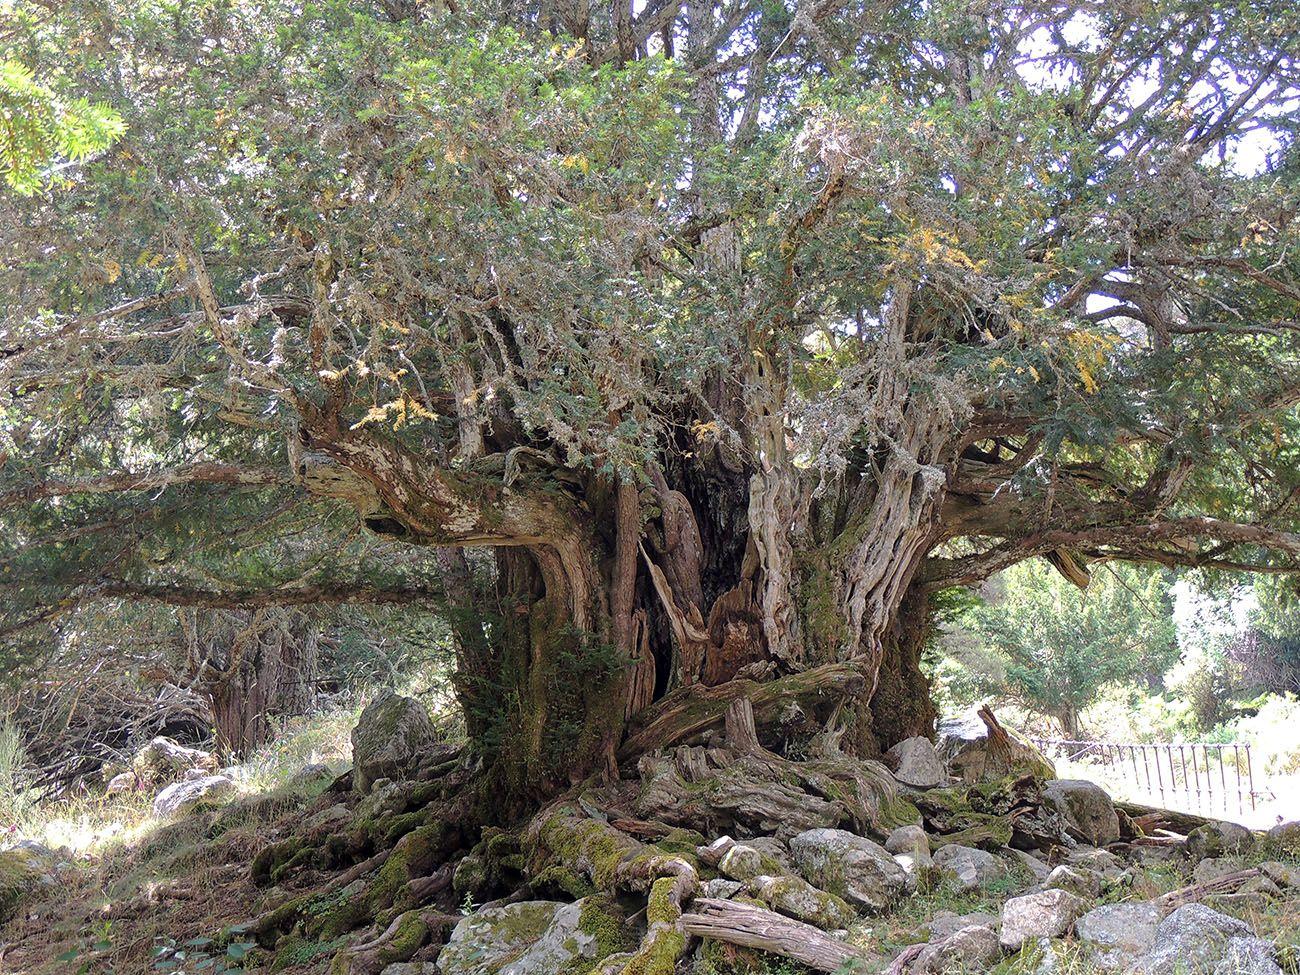 Tejo Del Arroyo De Barondillo Arboles árboles Y Arbustos árboles Extraños